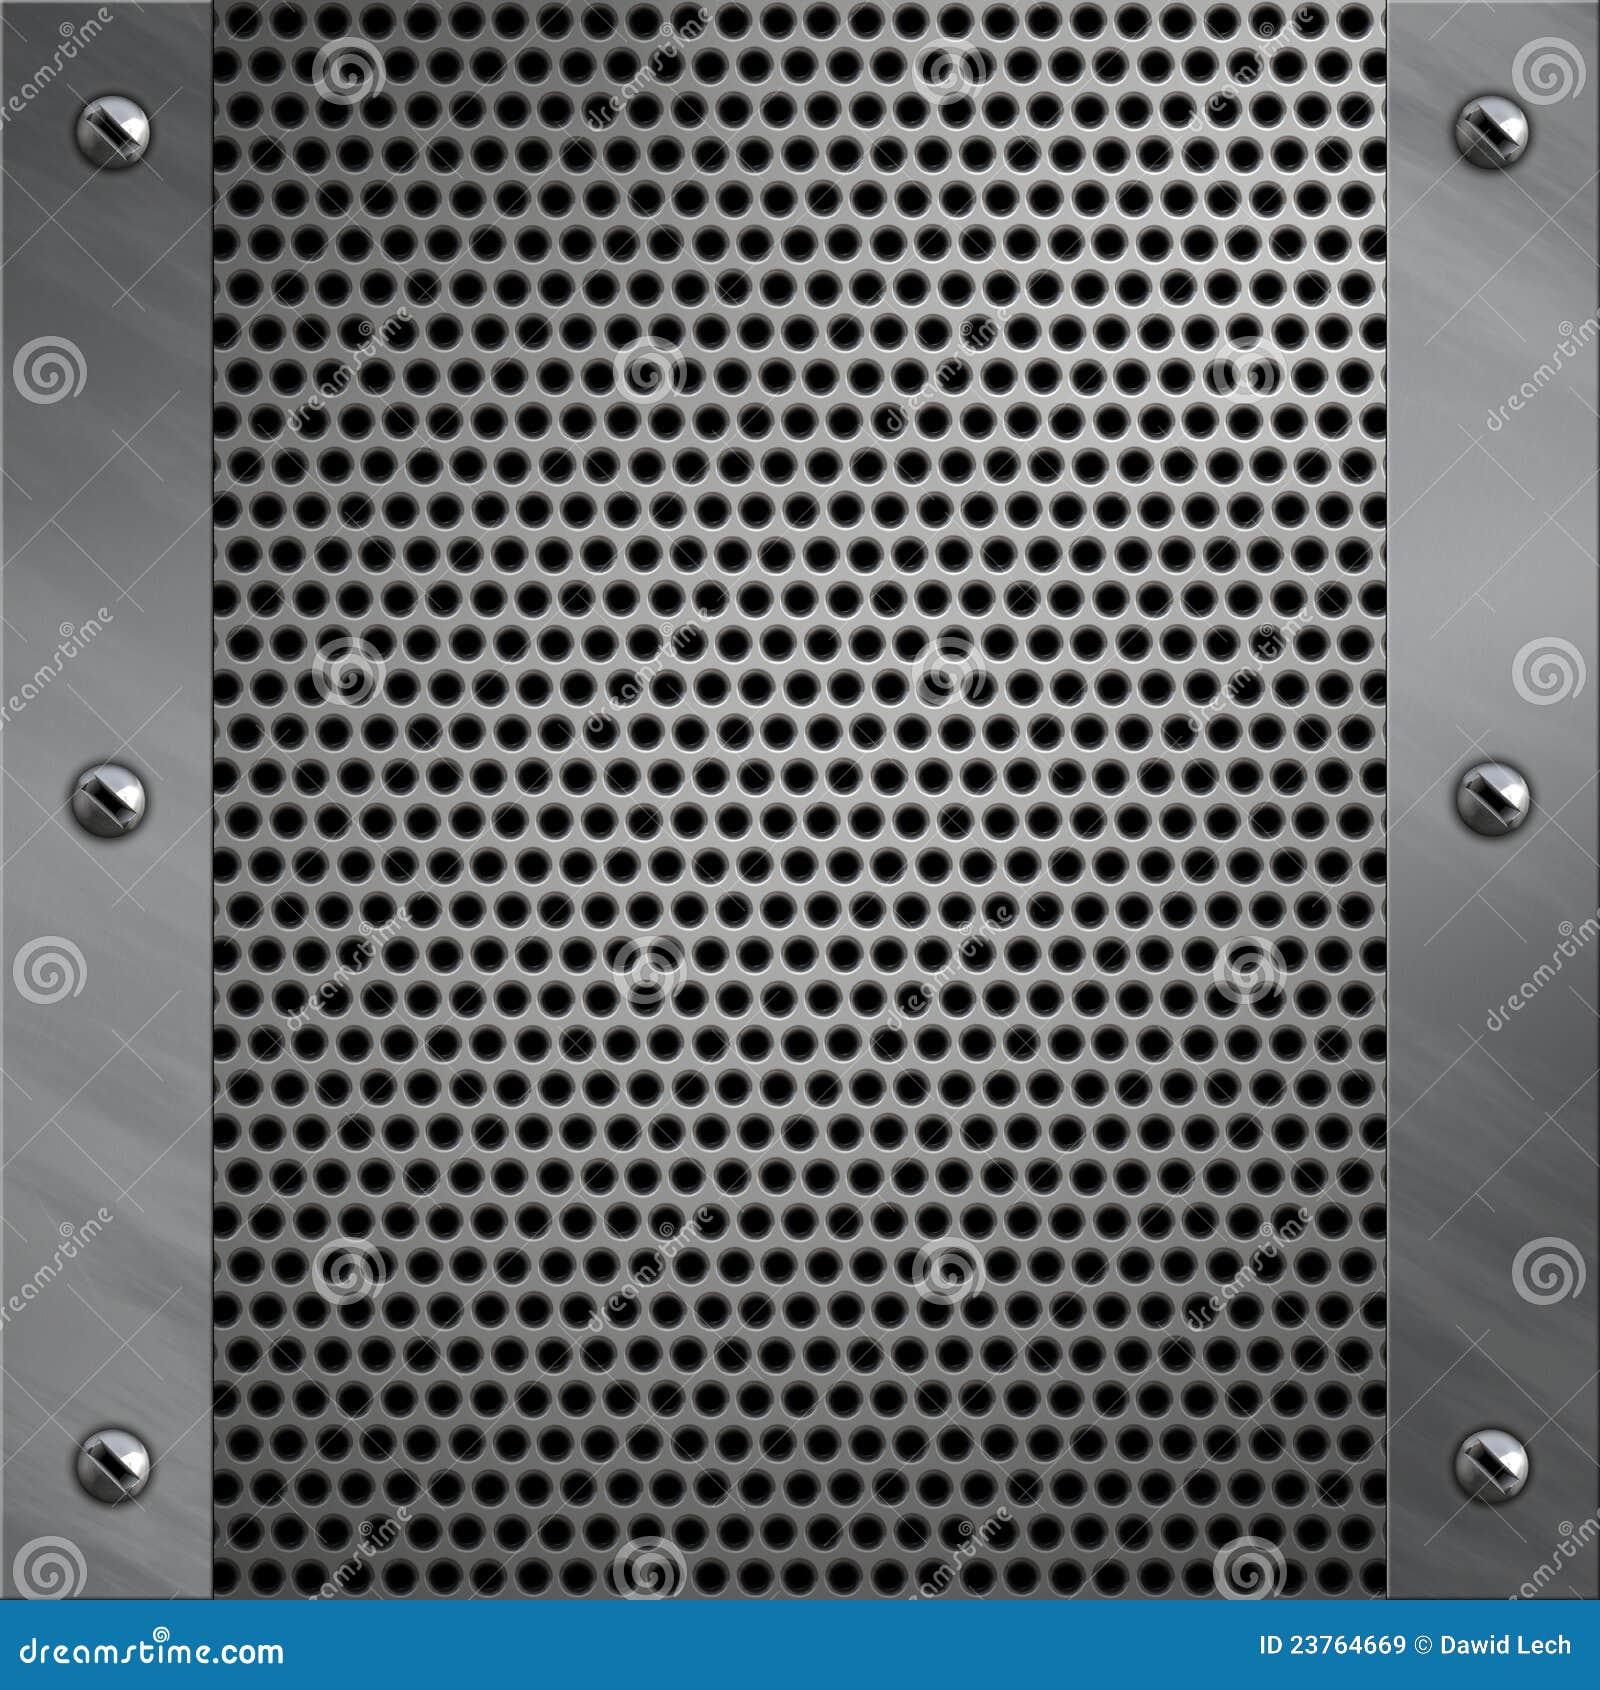 Marco De Aluminio Y Metal Perforado Imagen de archivo - Imagen de ...